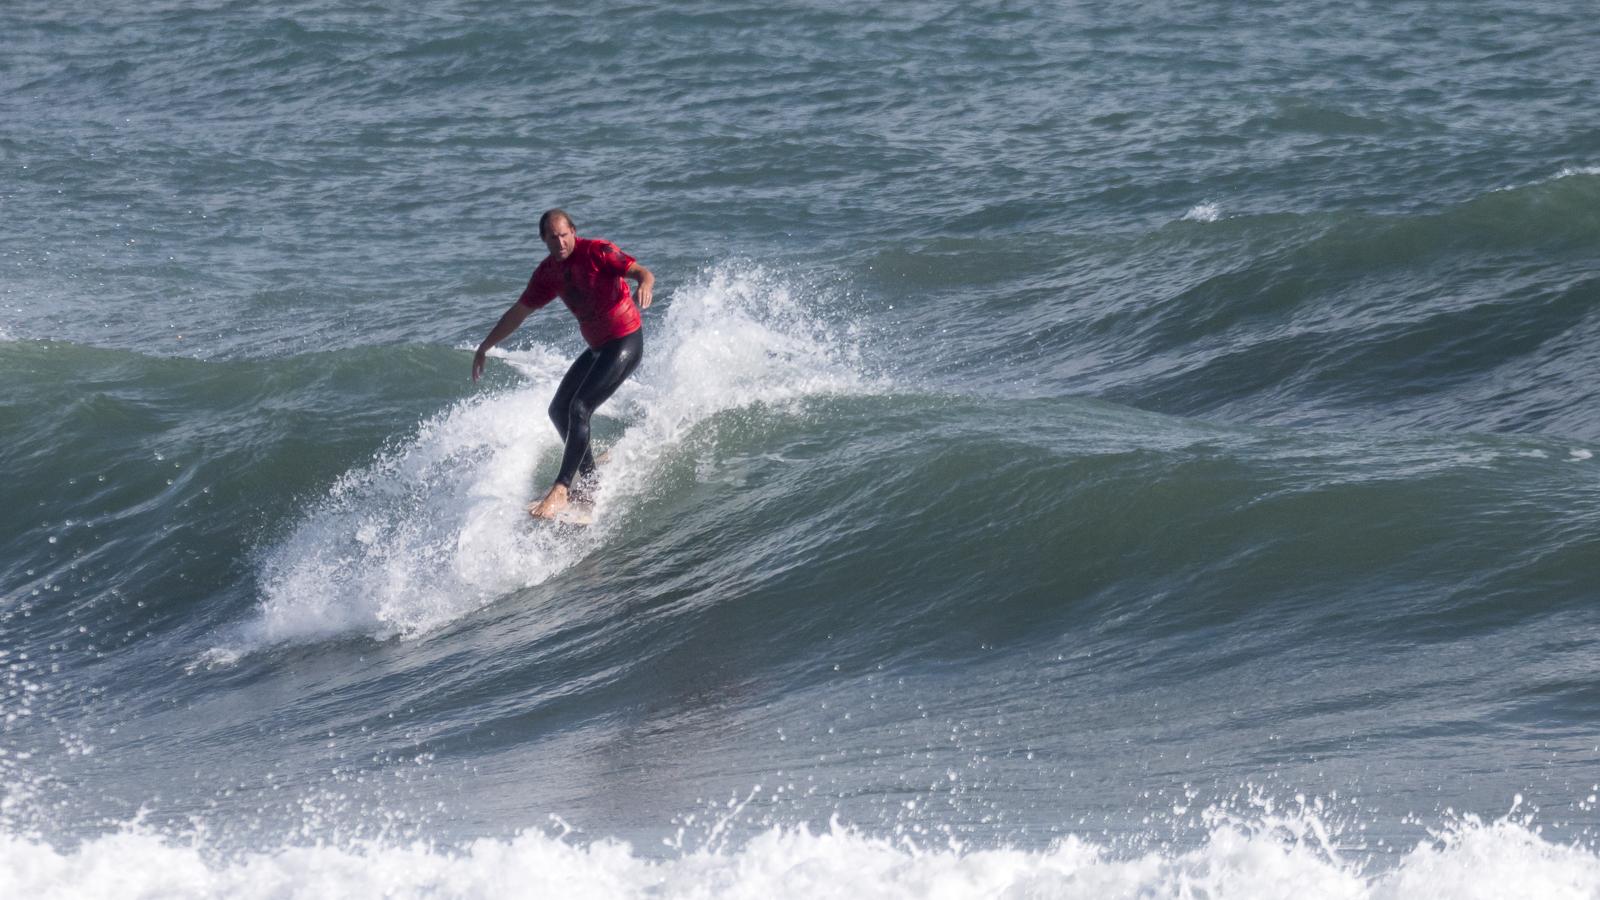 圧倒的なサーフィンを見せるテイラー・ジェンセン